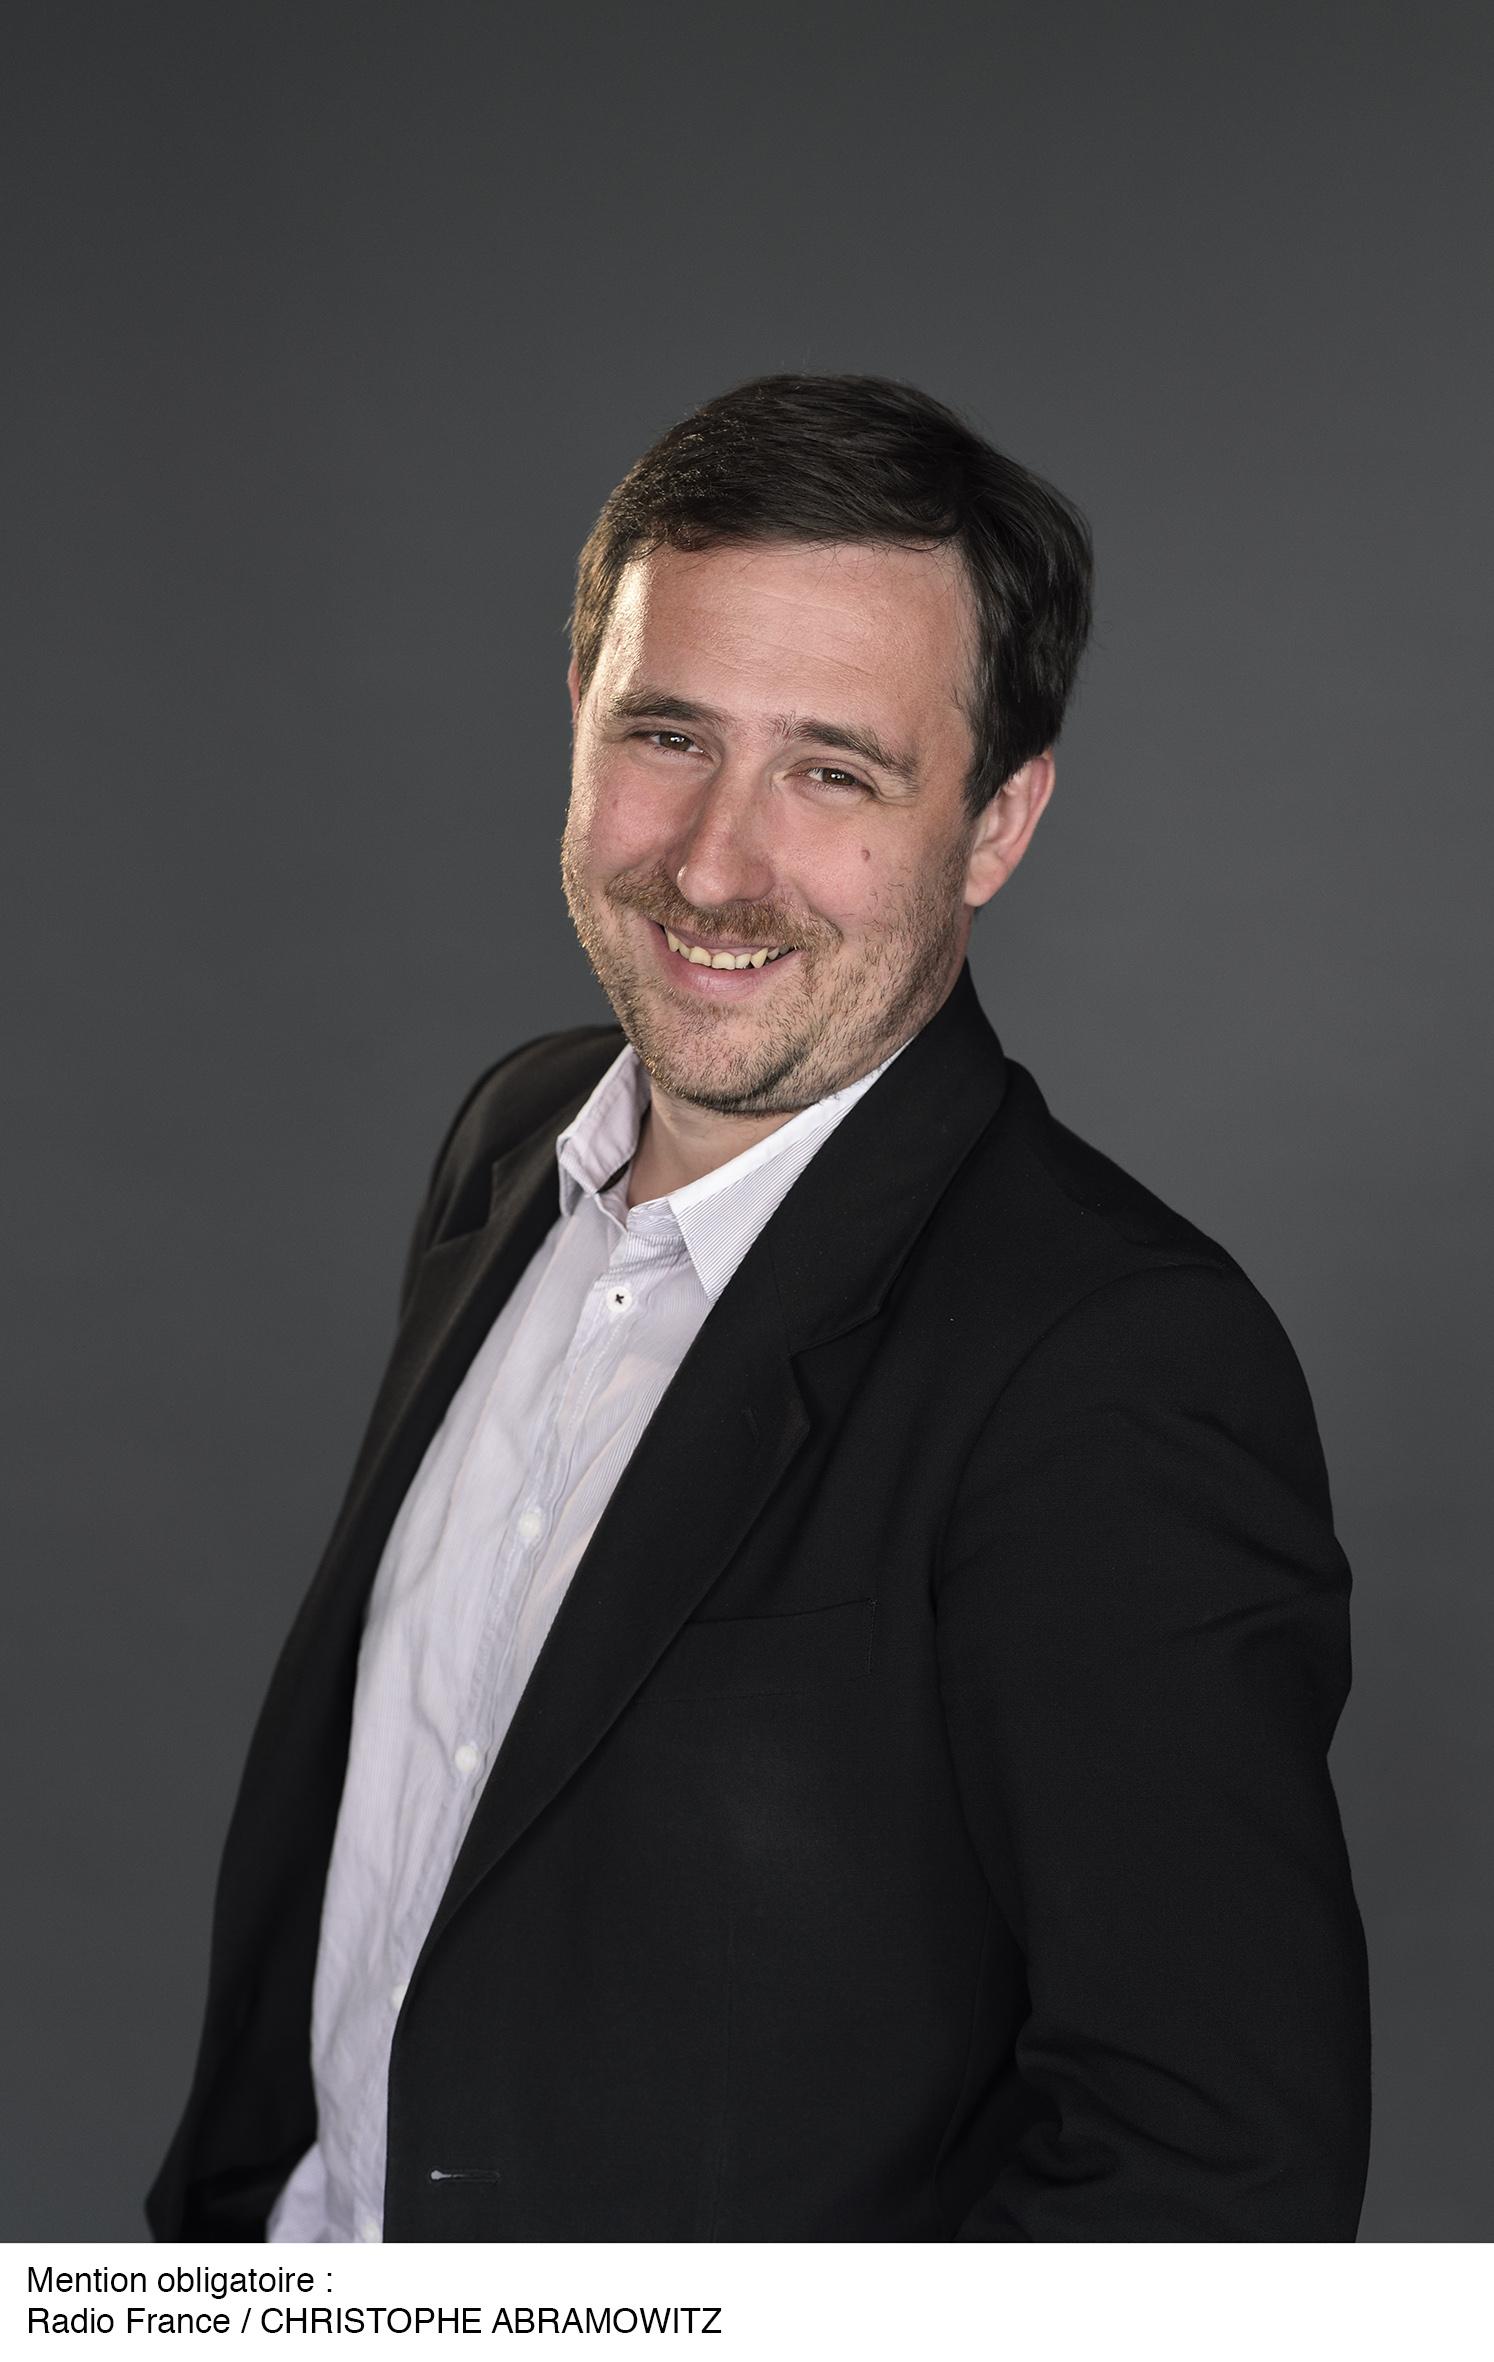 Erwann Gaucher est un enfant du digital. Né dans la presse locale, il a grandi sur le digital, puis en télé, avant de venir à la radio. (Photo Radio France, Christophe Abramowitz)